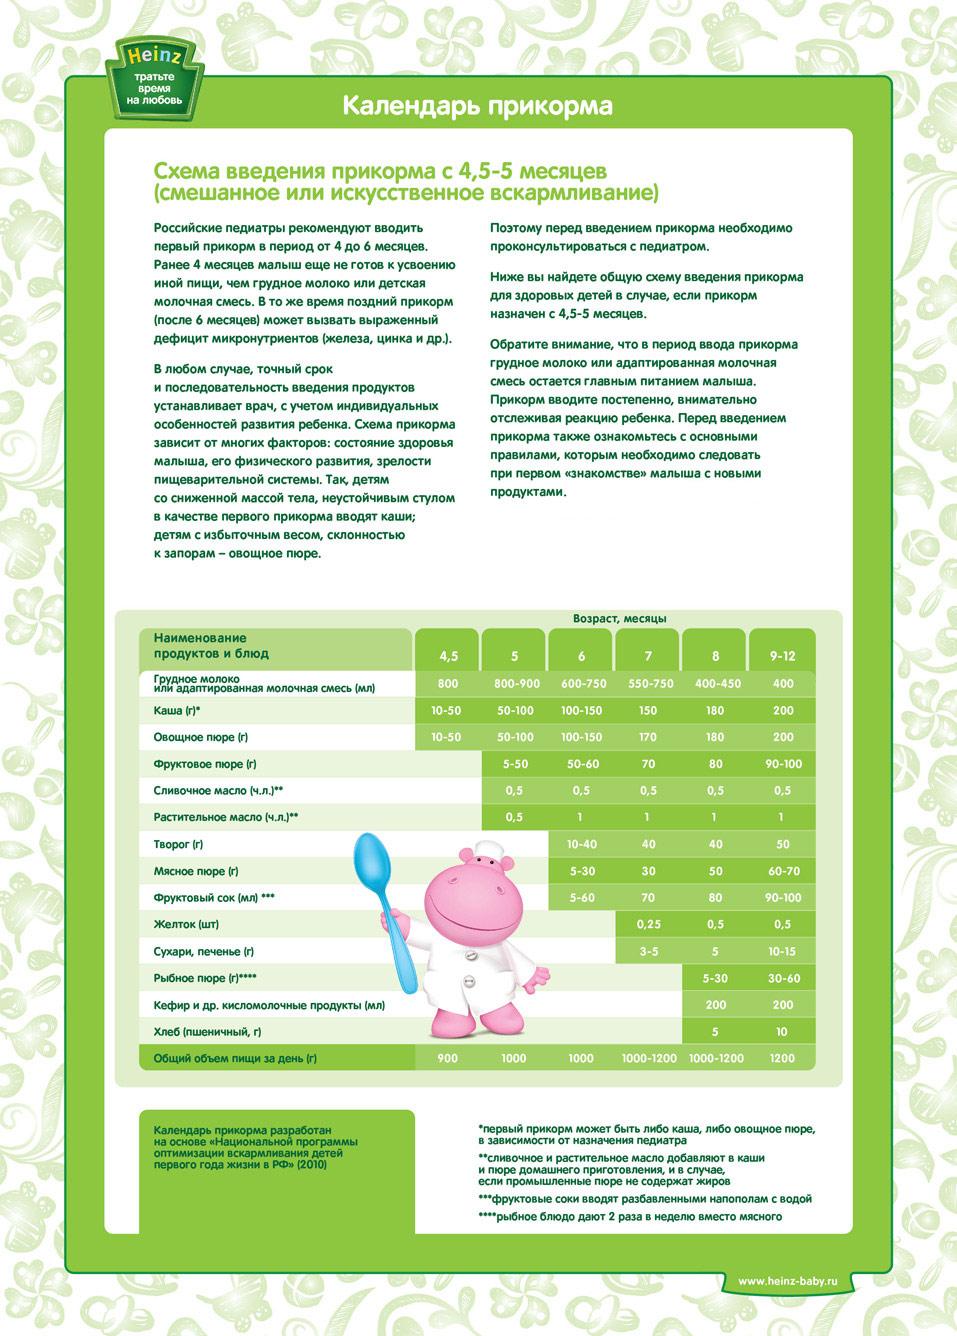 Схема введения прикорма детей на искусственном вскармливании